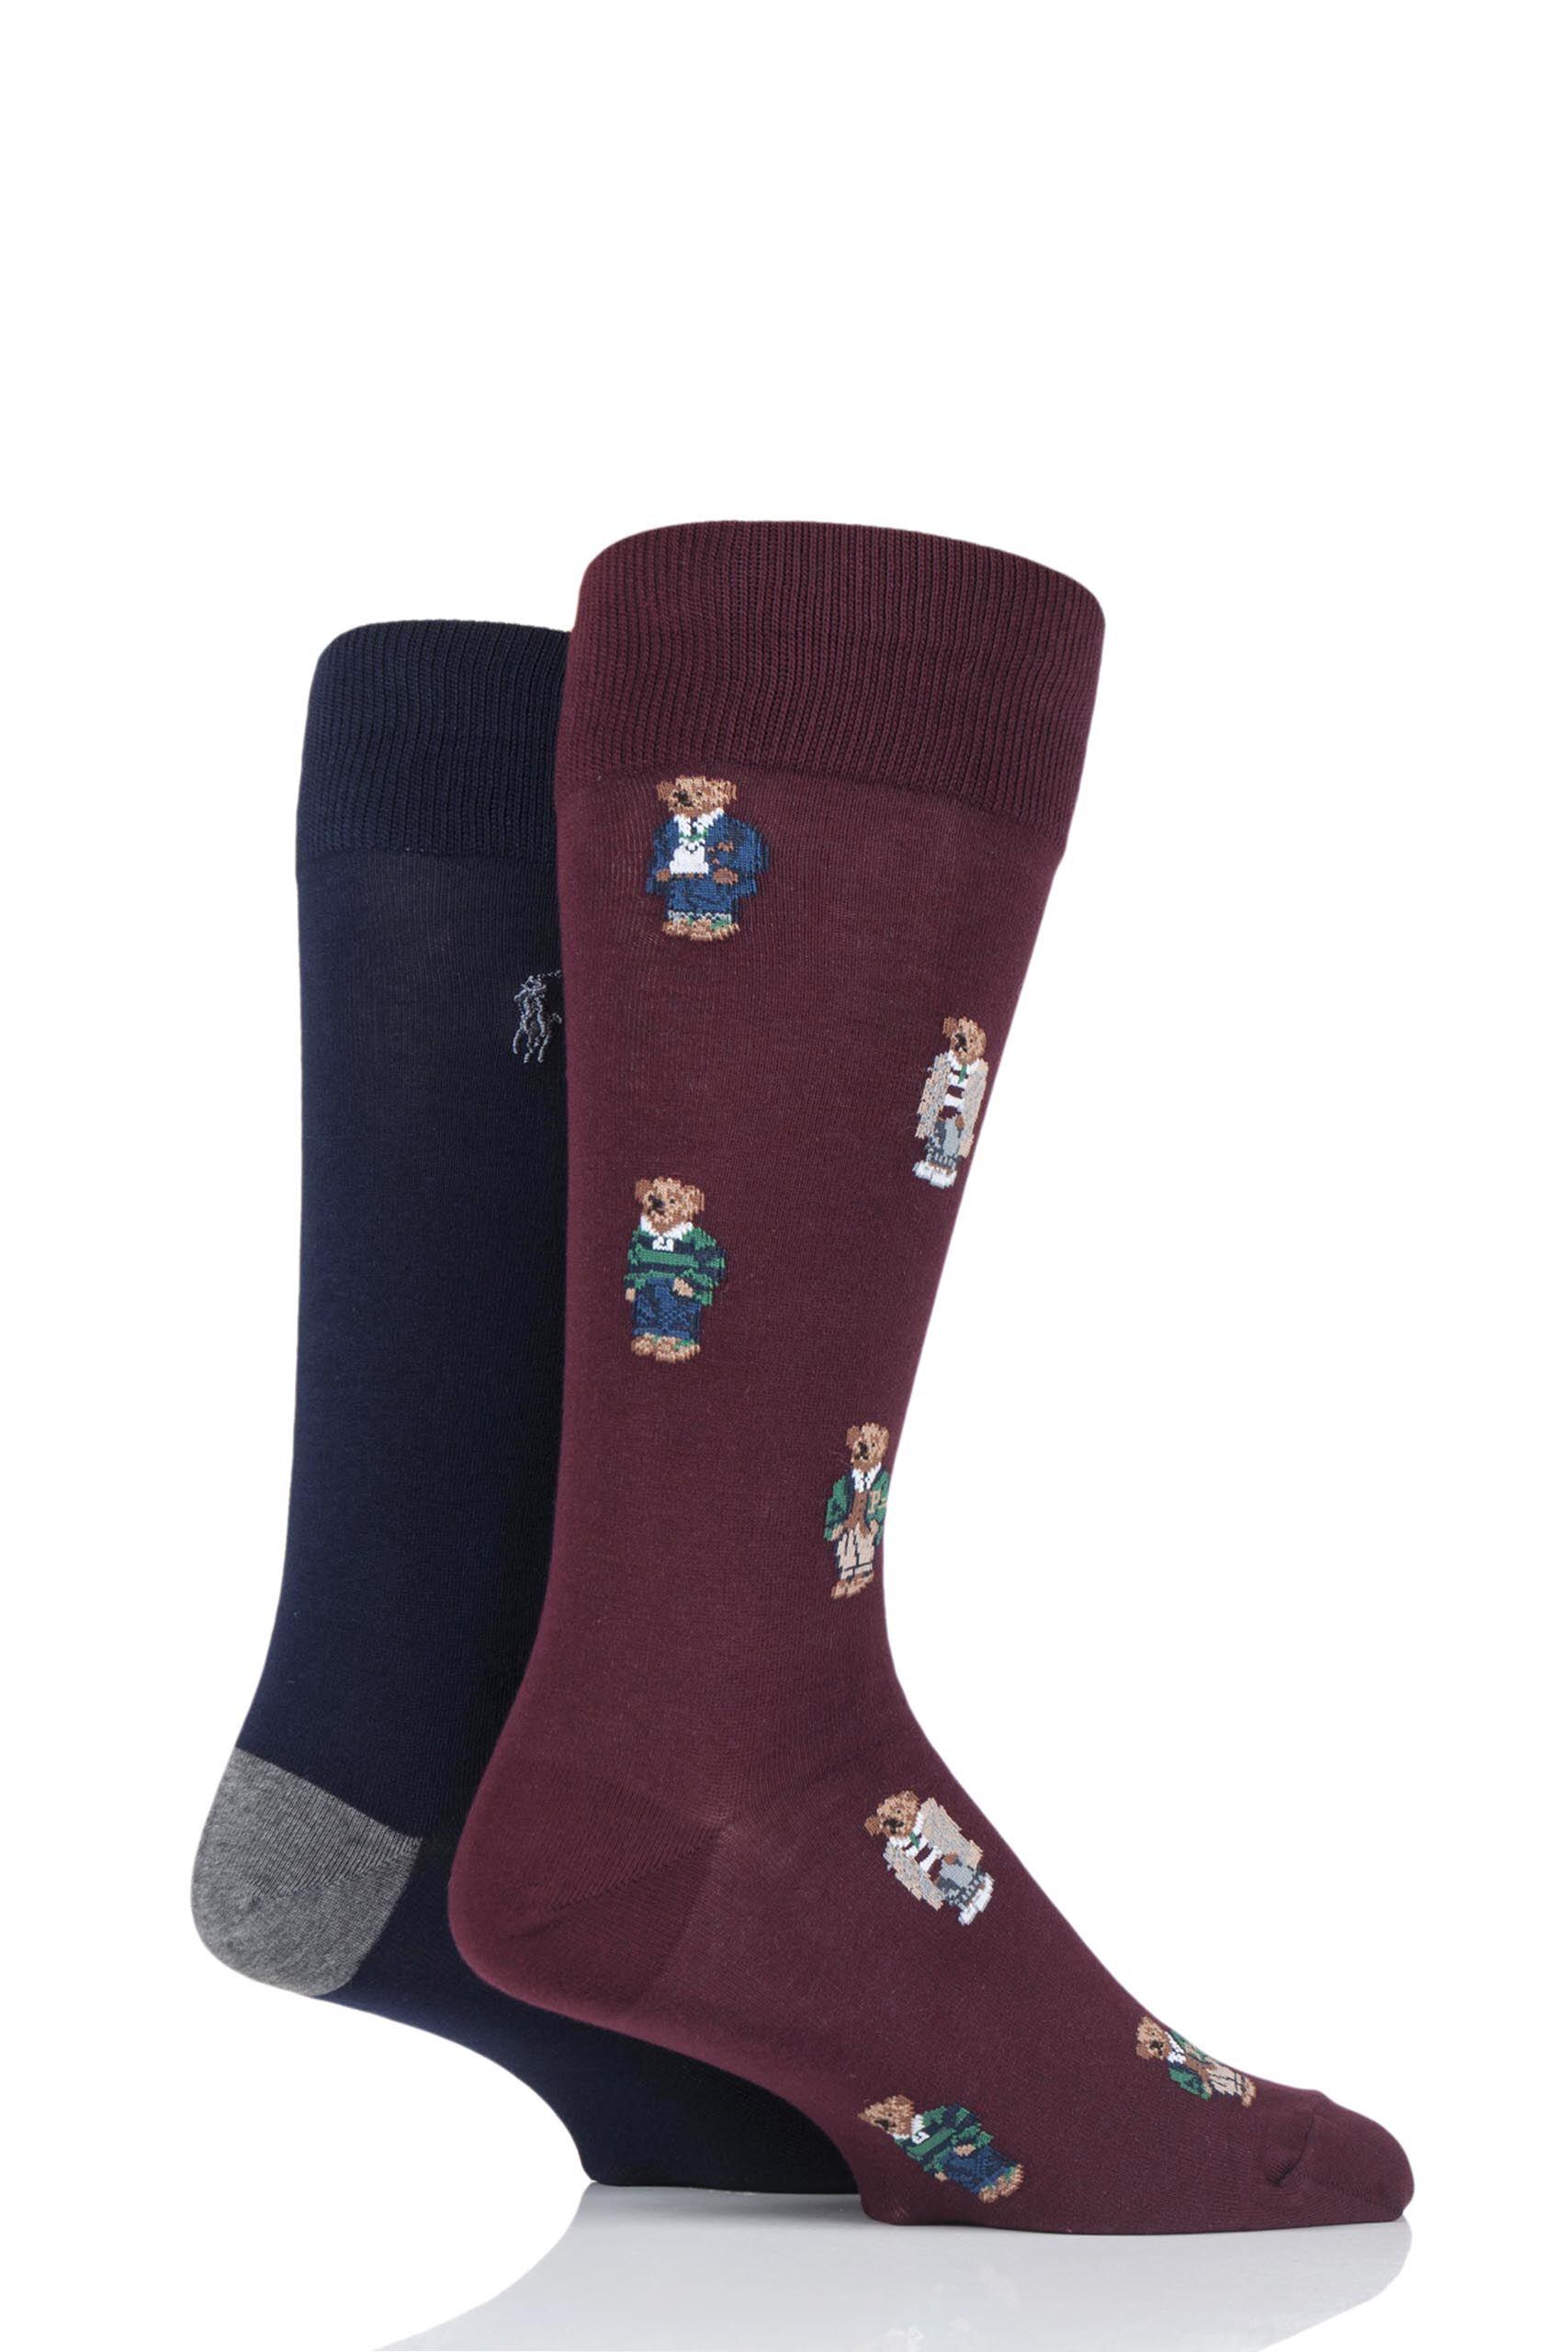 Image of 2 Pair Clas Wine/ Cru Nav/ Fost Grey 4 Bear Cotton Socks Men's 6-11 Mens - Ralph Lauren